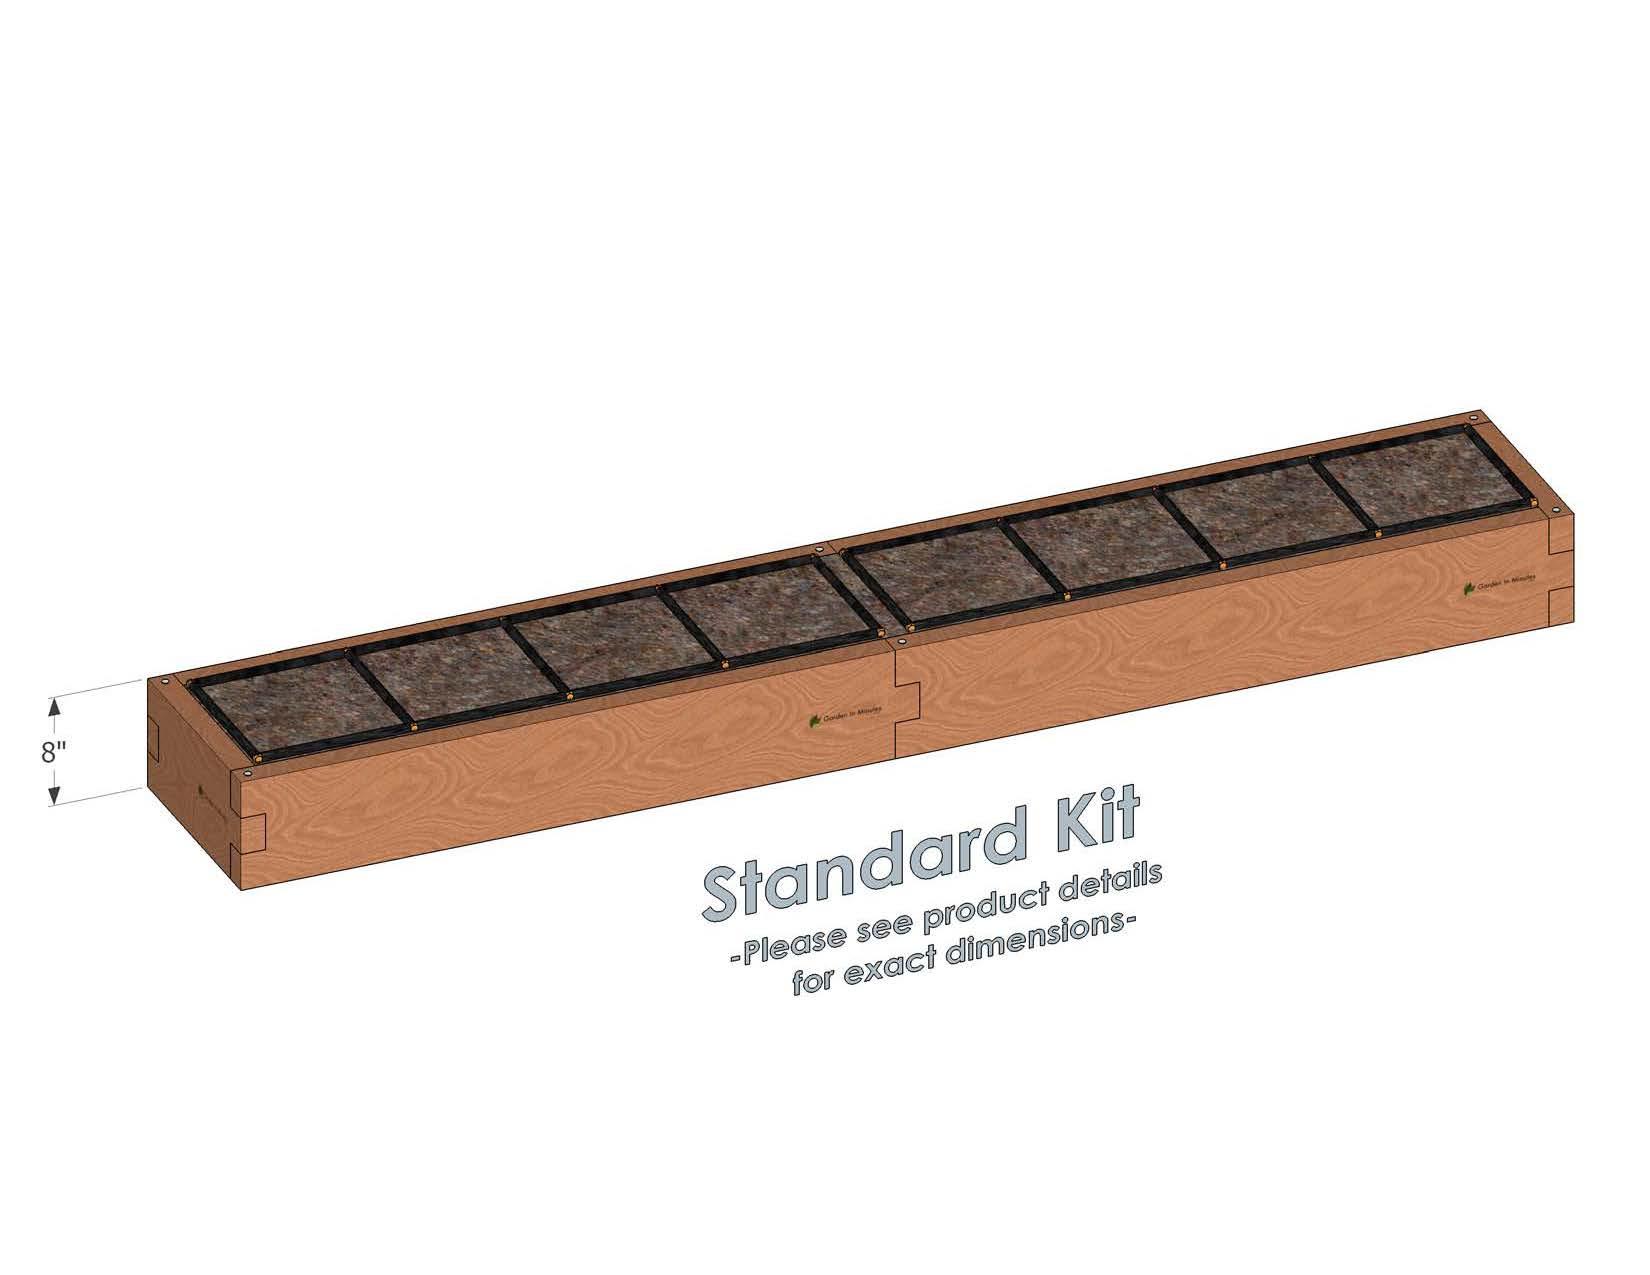 1x8 Raised Garden Kit Standard Height